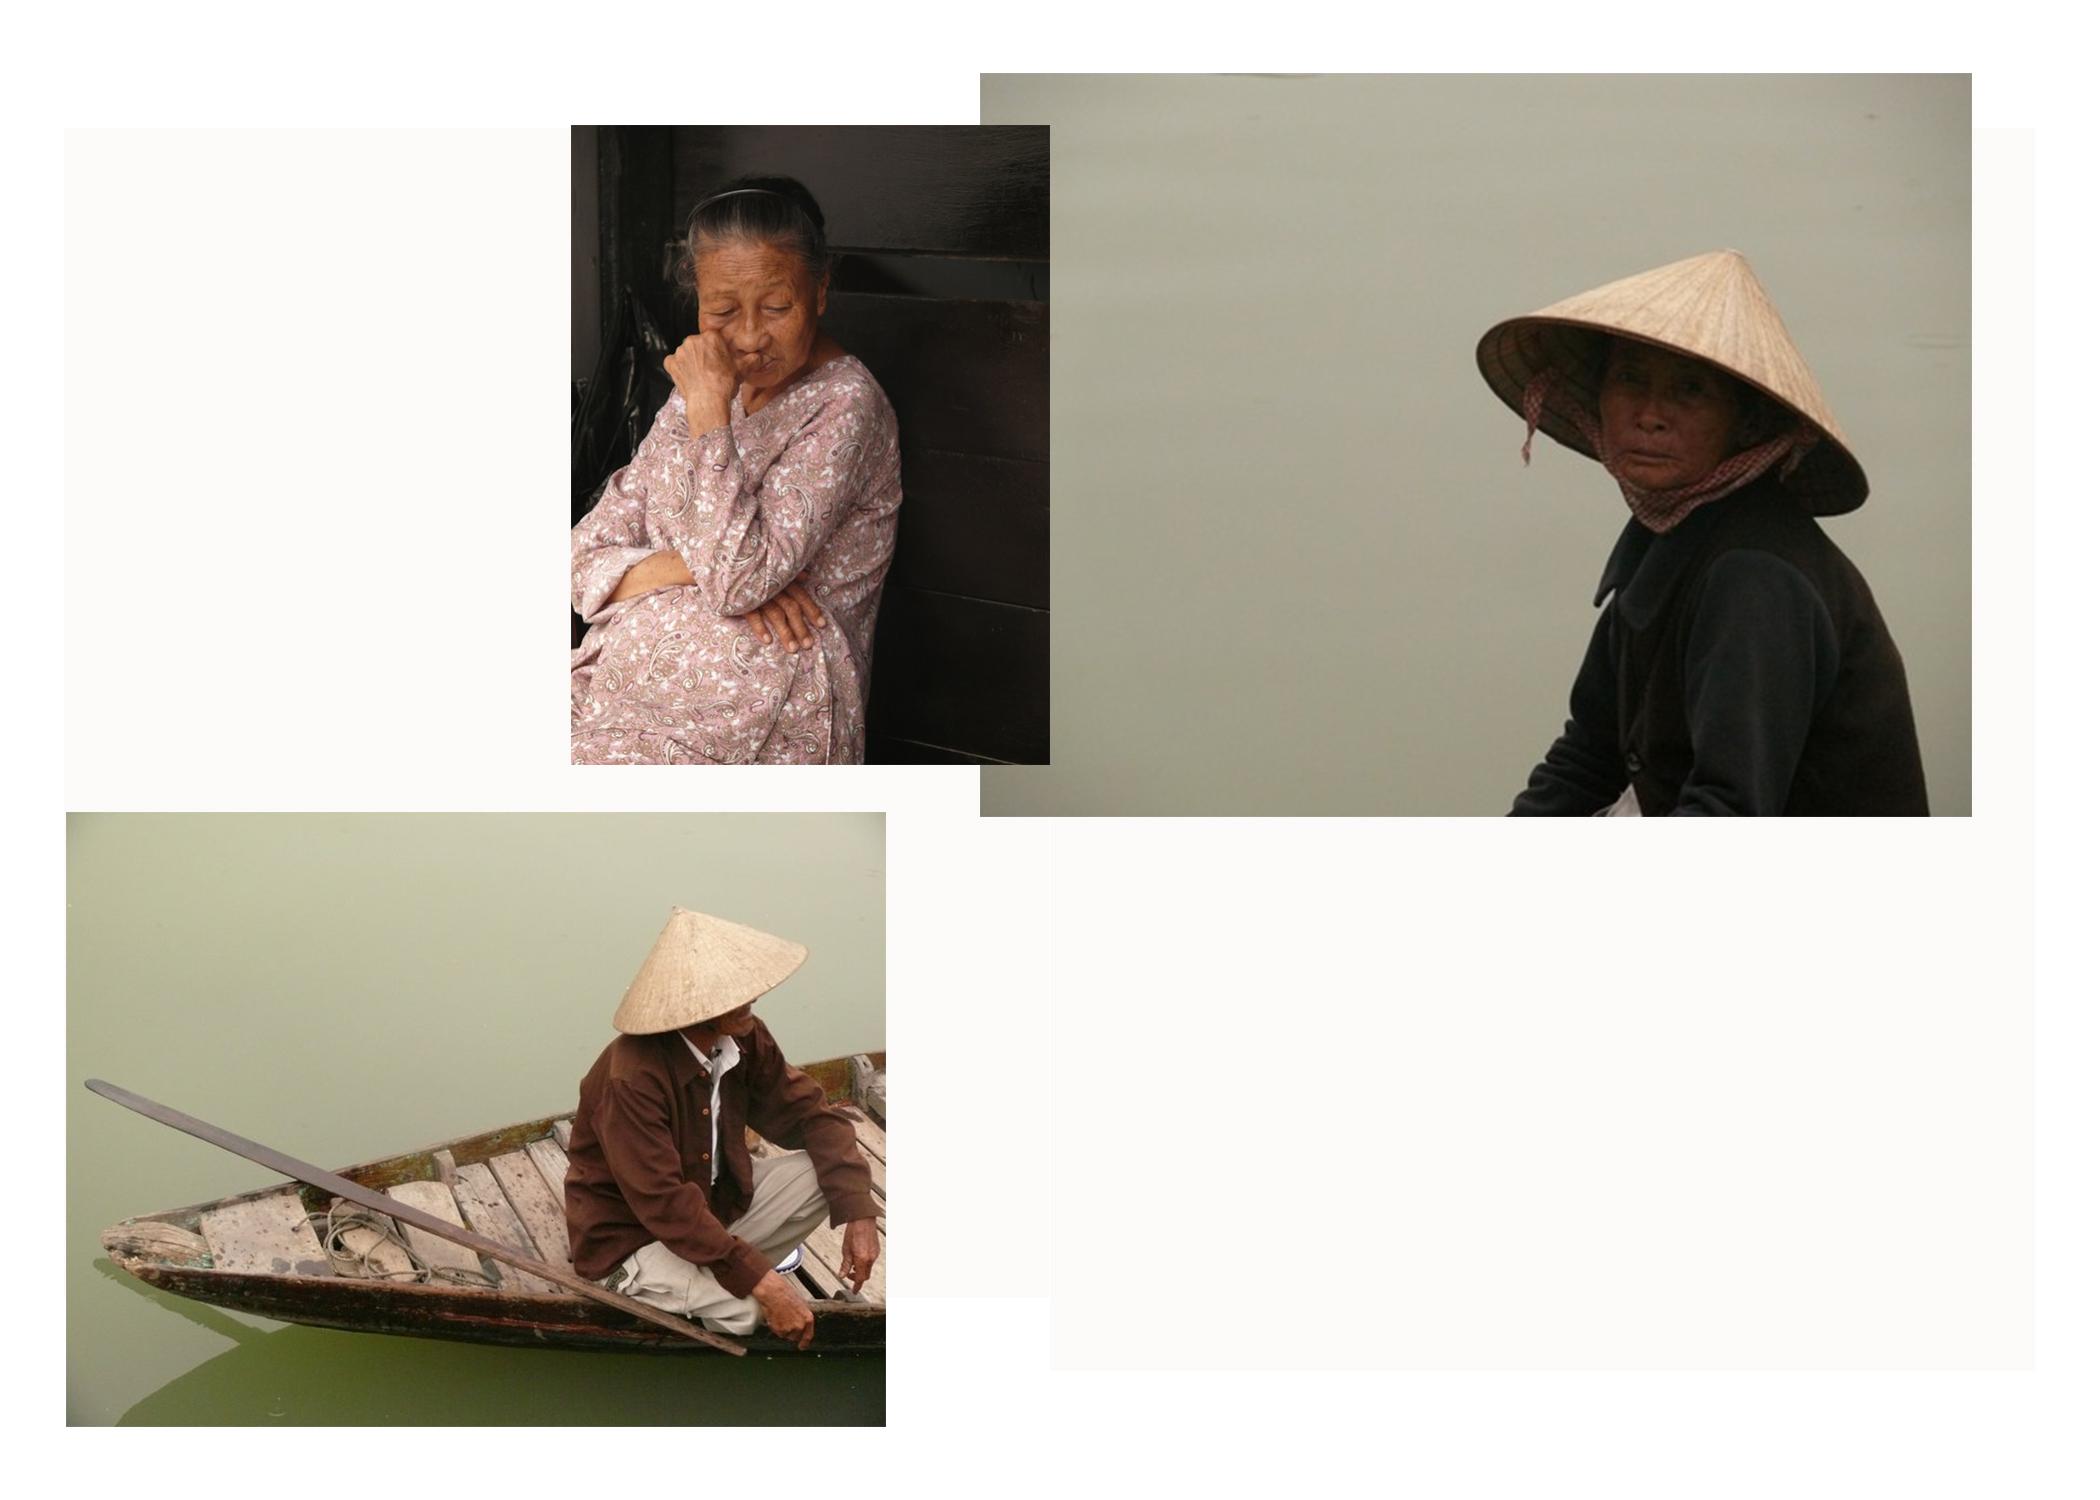 Portfolio_Portraits_2019_ShelleySom_012.jpg